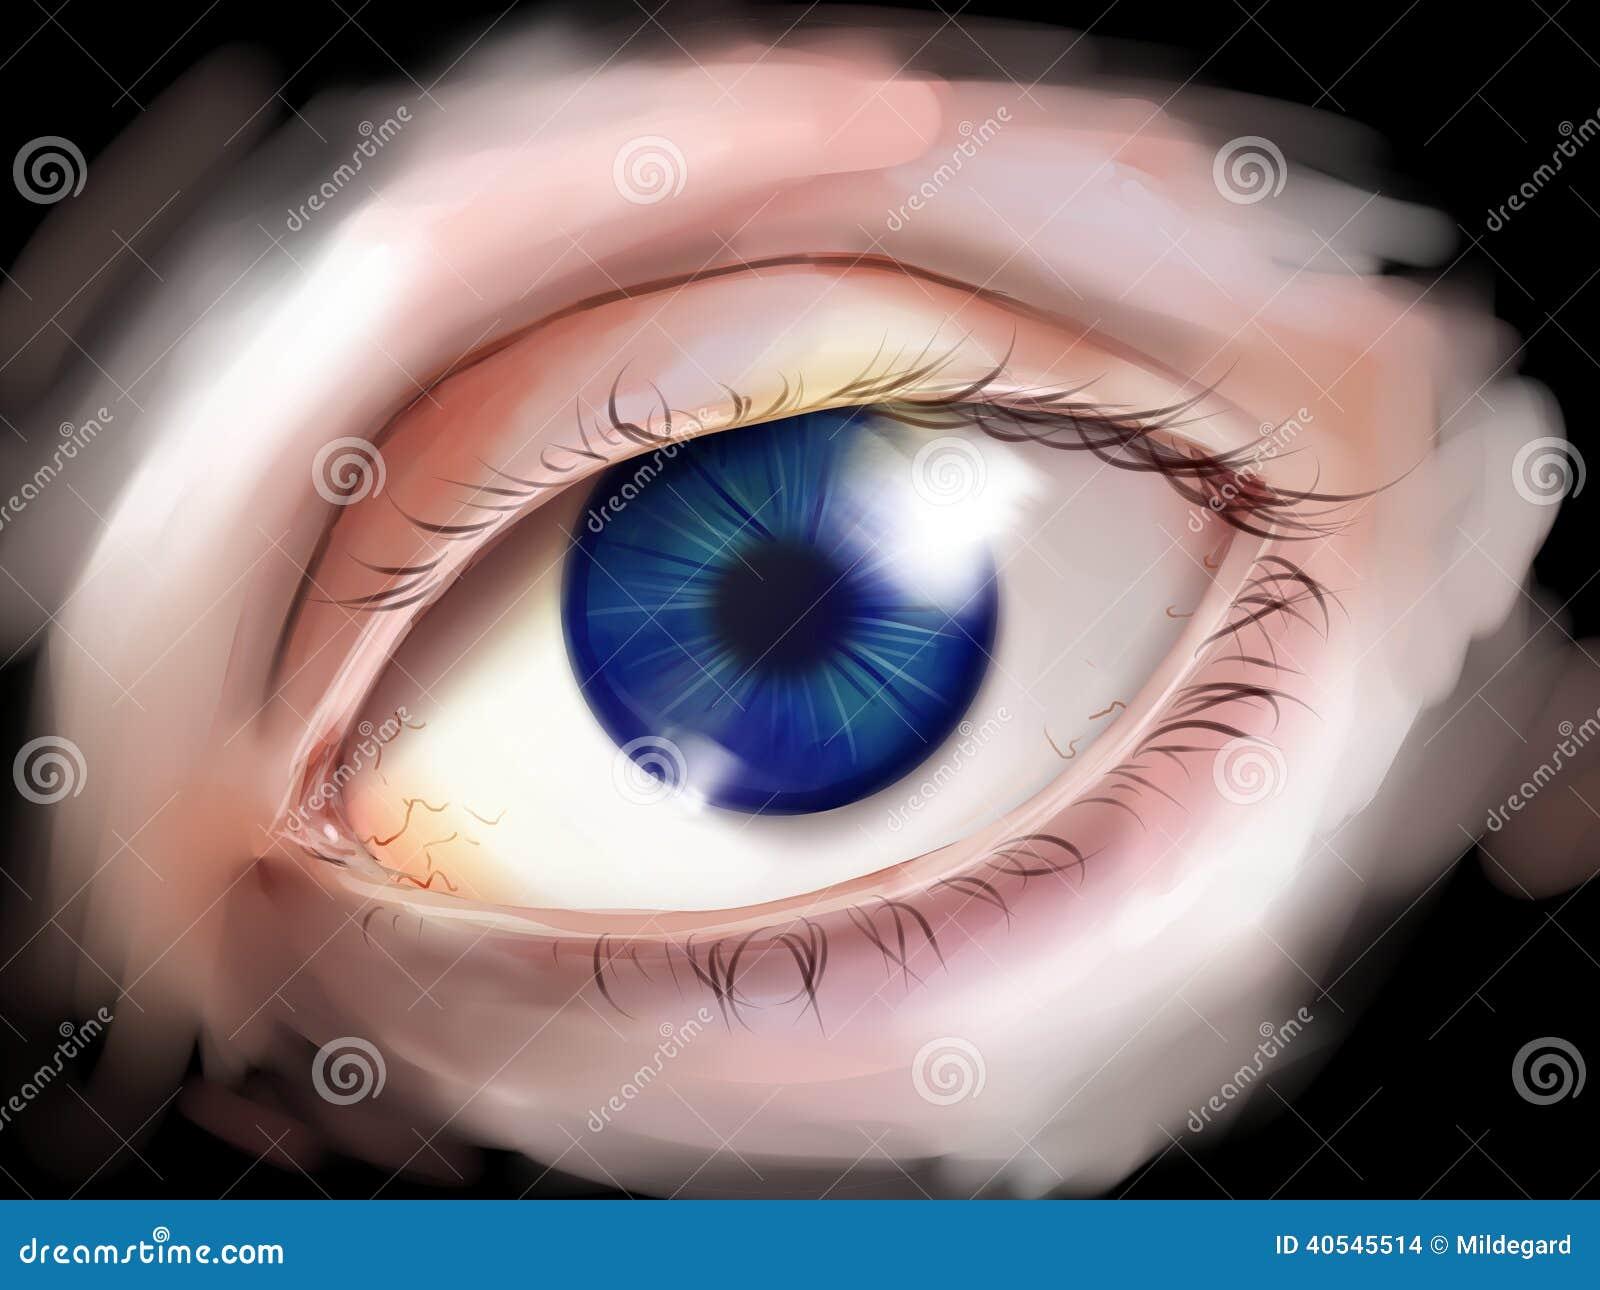 Menschliches Auge mit blauer Iris